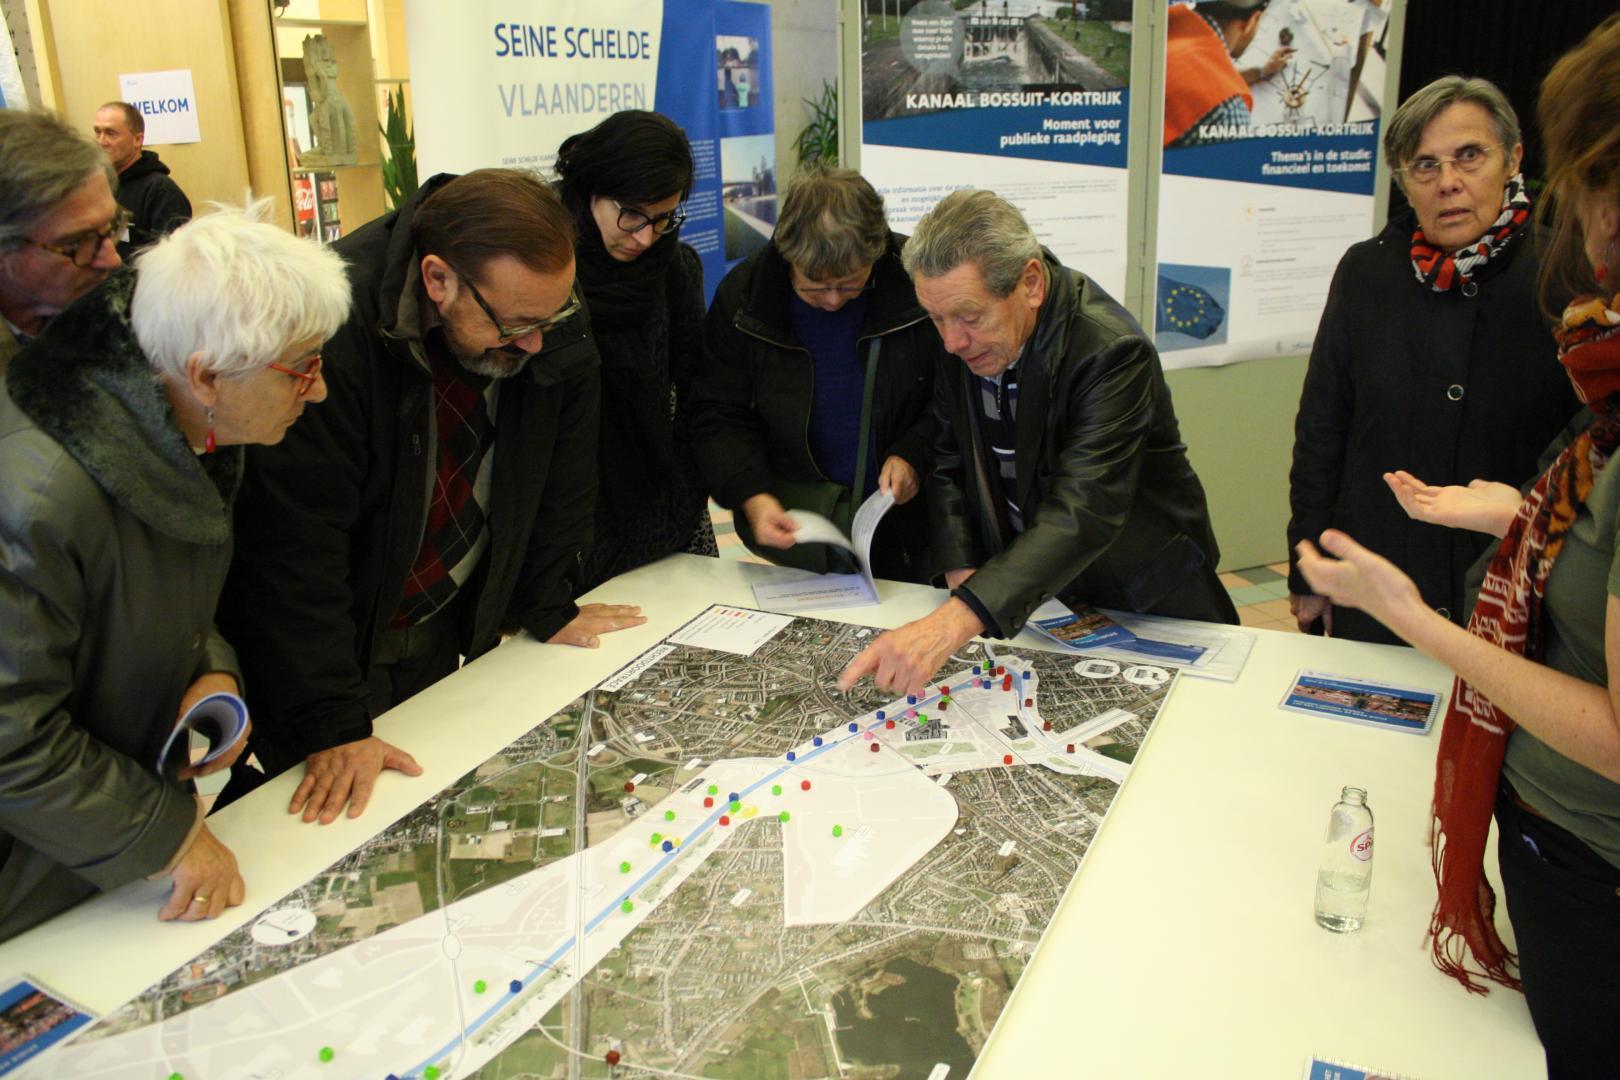 Tijdens infomarkten konden bewoners mee nadenken over de verschillende elementen in het onderzoek en eventuele opmerkingen formuleren